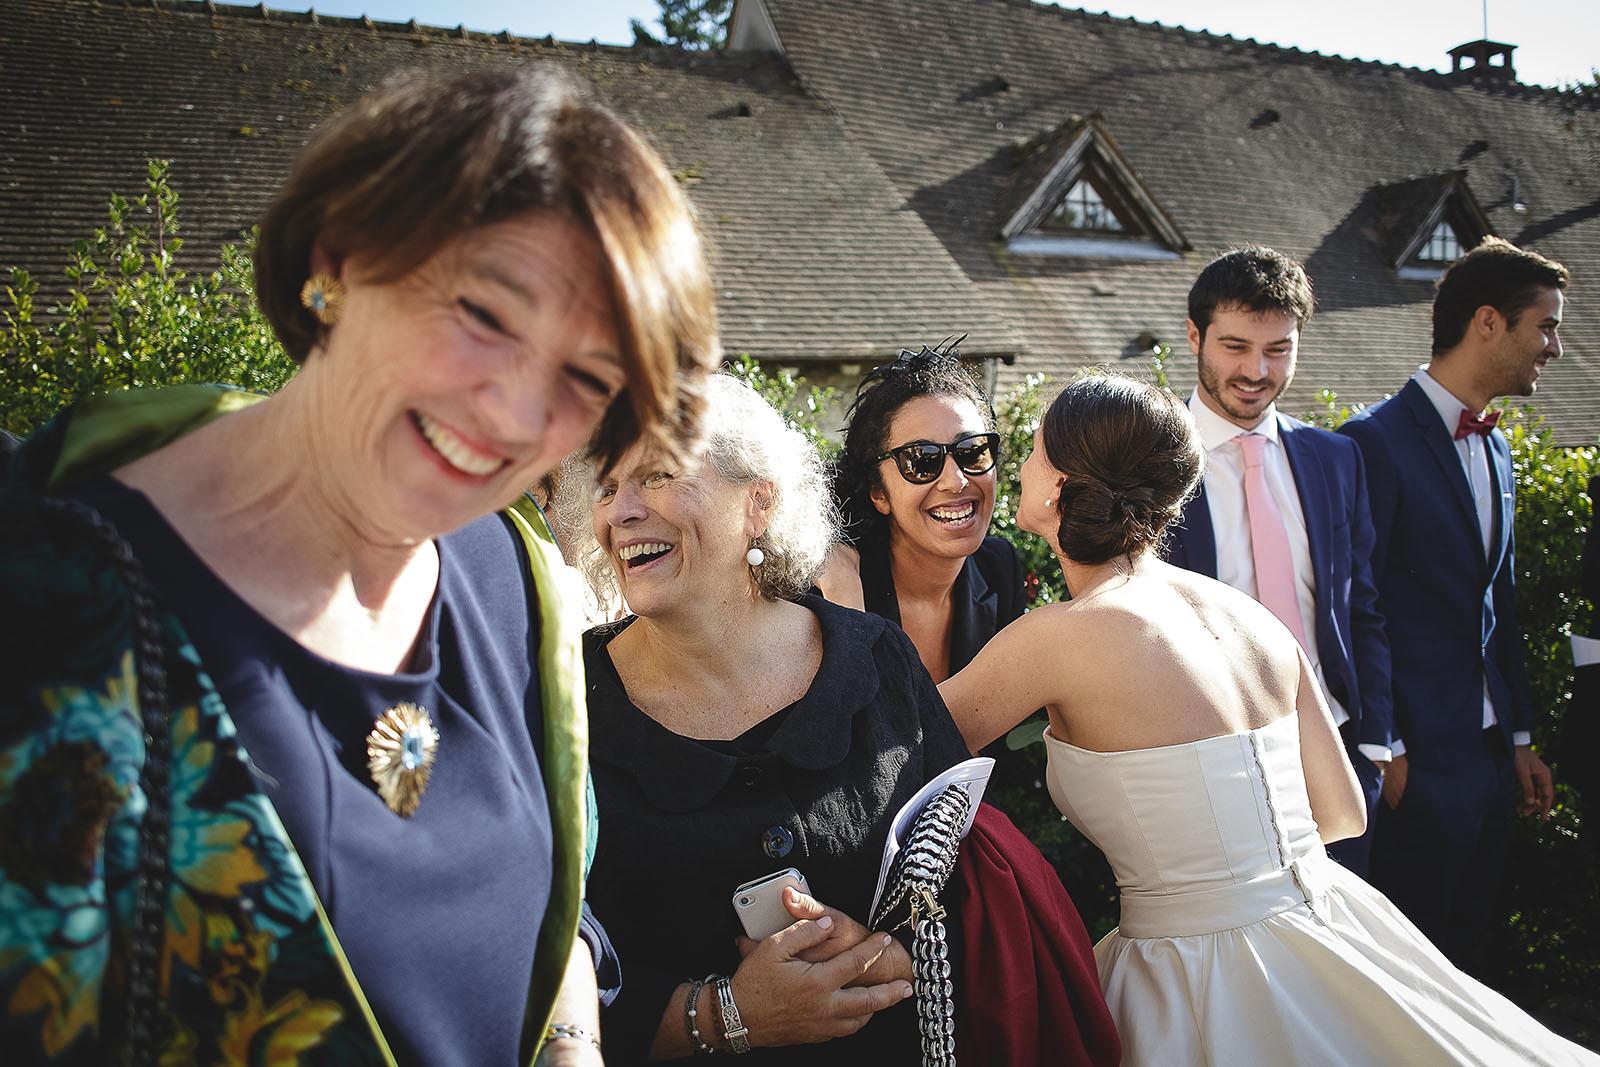 Mariage Manoir des Prévanches. David Pommier photographe de mariage. Joie de la sortie de l'église